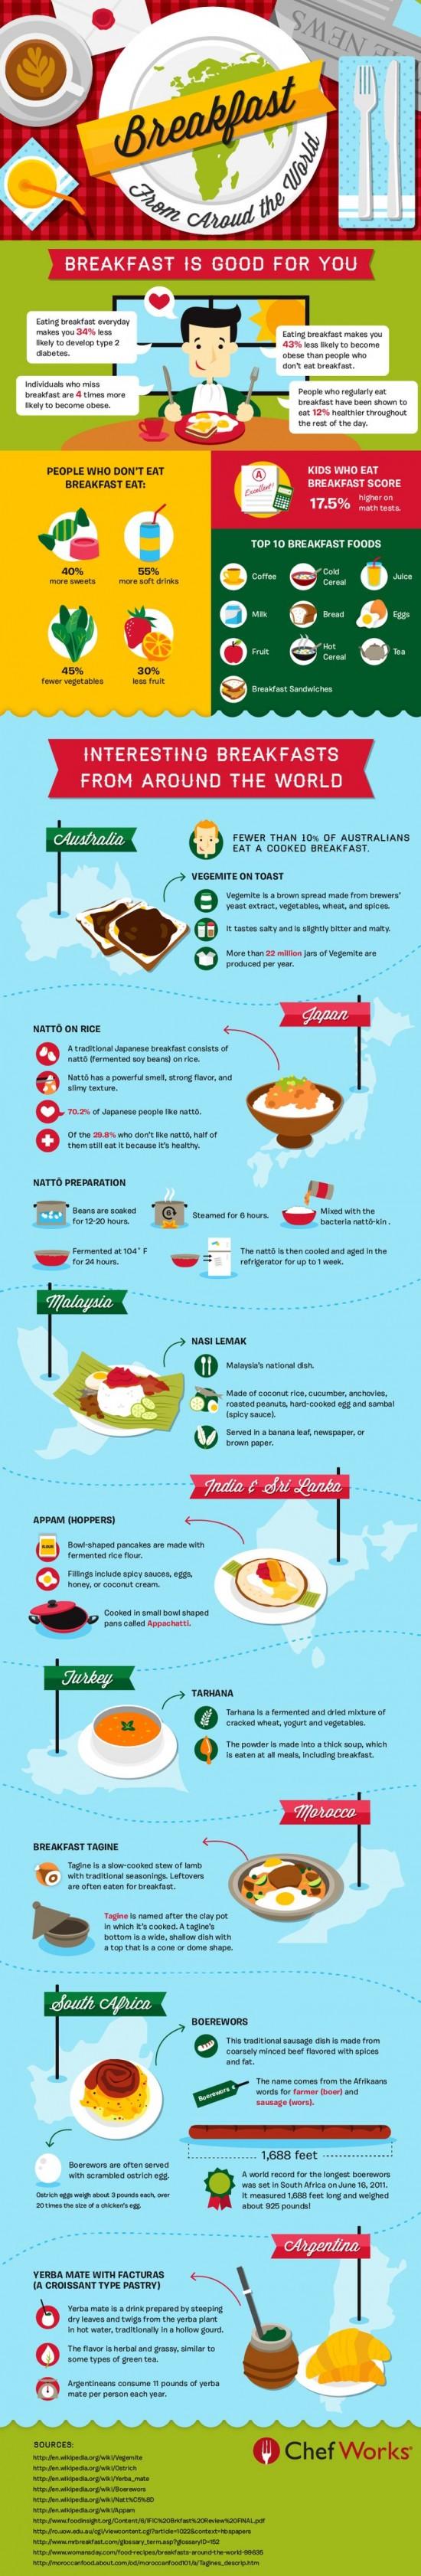 Snidane z celeho sveta - infografika